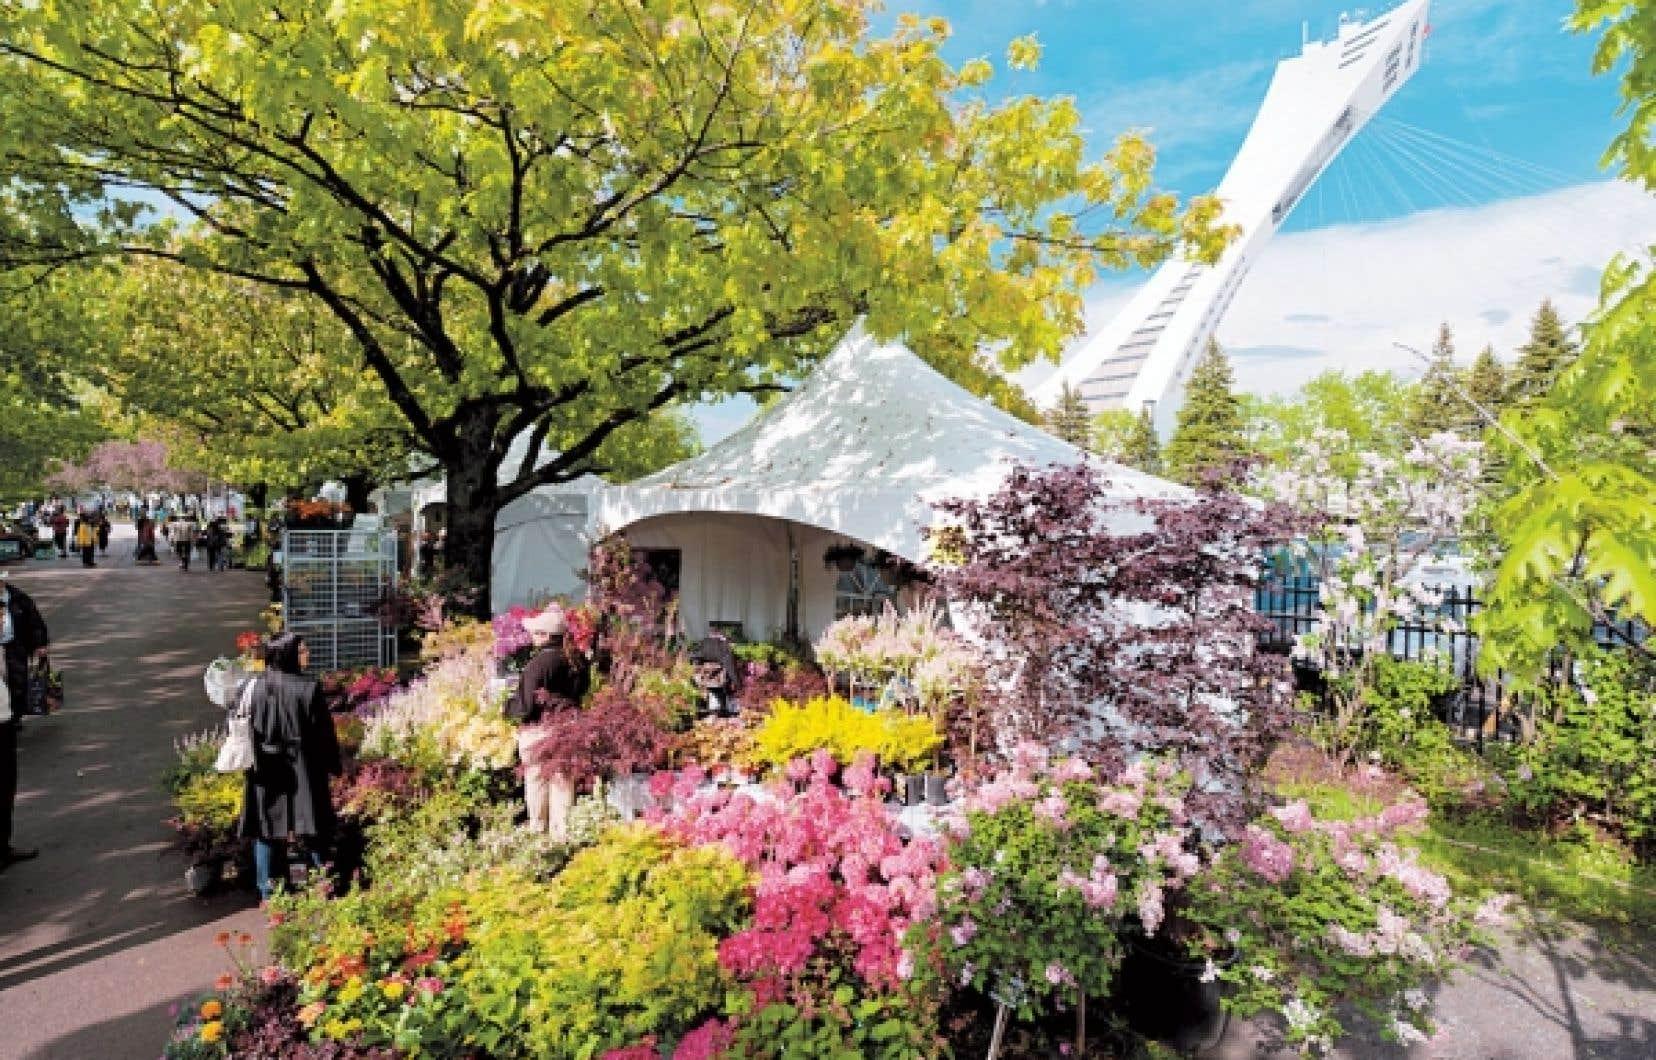 <div> Le Rendez-vous horticole du Jardin botanique est une grande foire horticole où l'on a l'occasion de découvrir, de s'informer et d'échanger.</div>